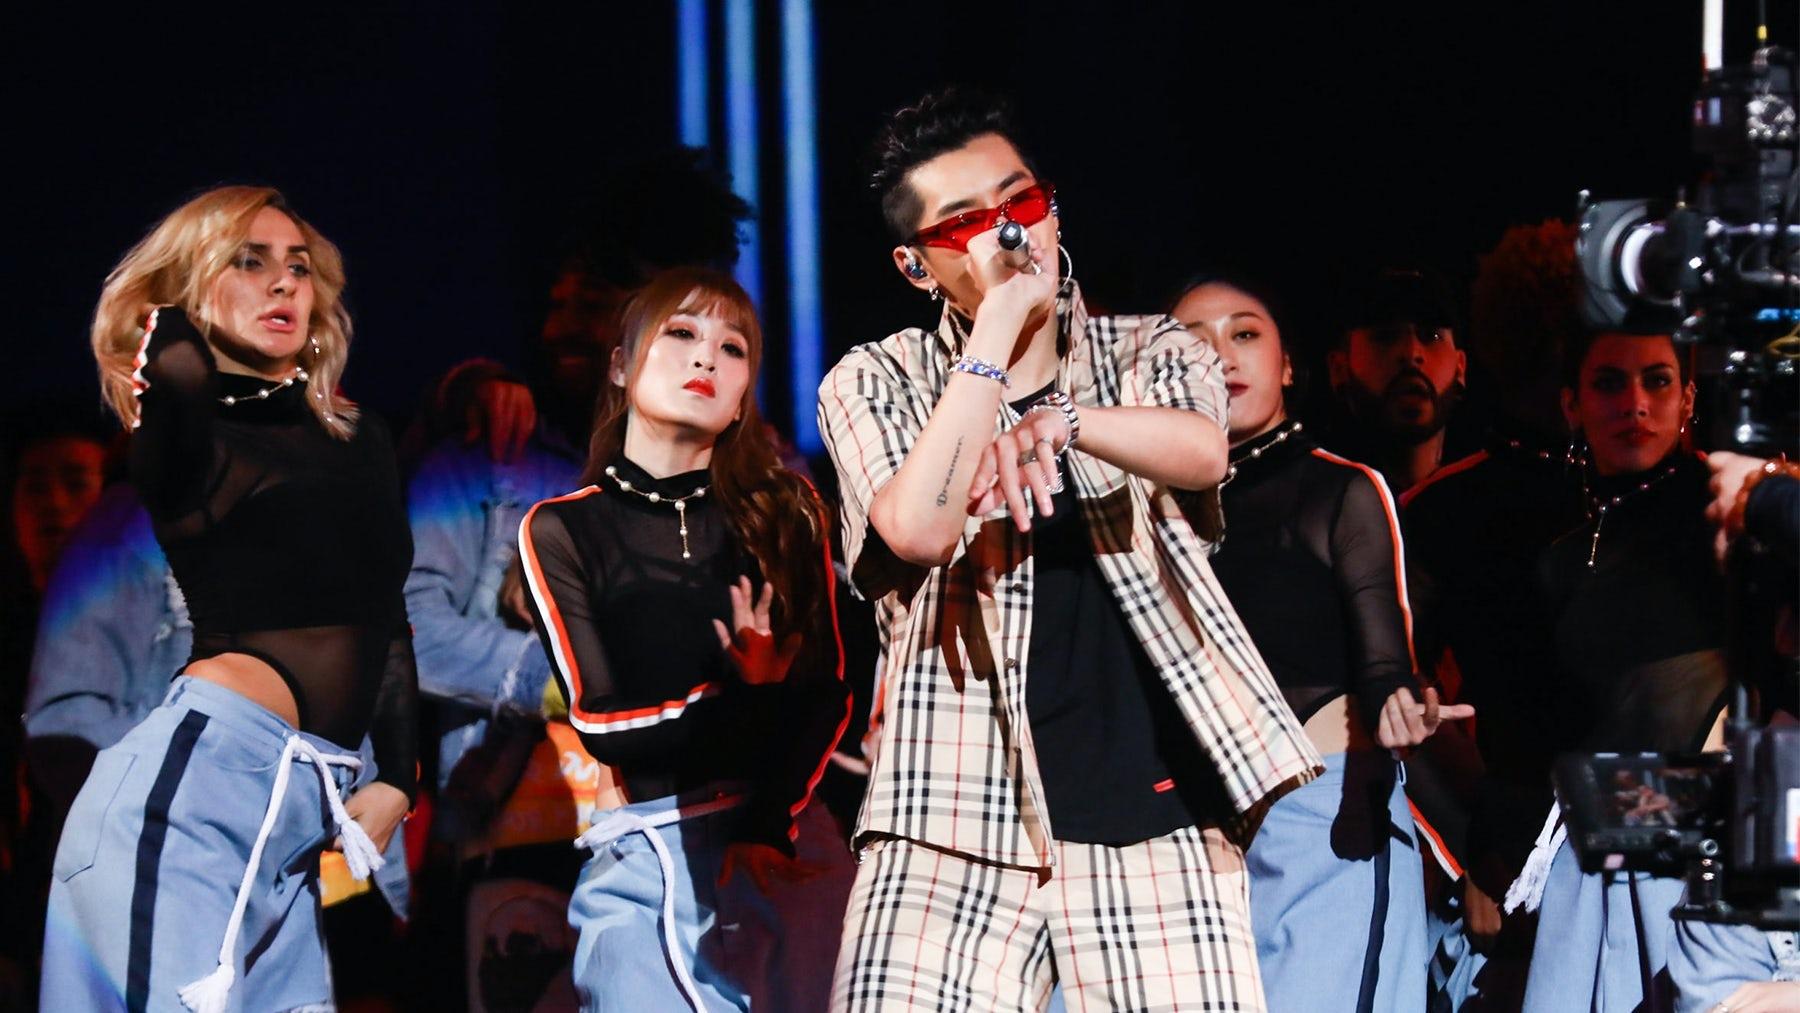 Singer Kris Wu performing on stage. Shutterstock.